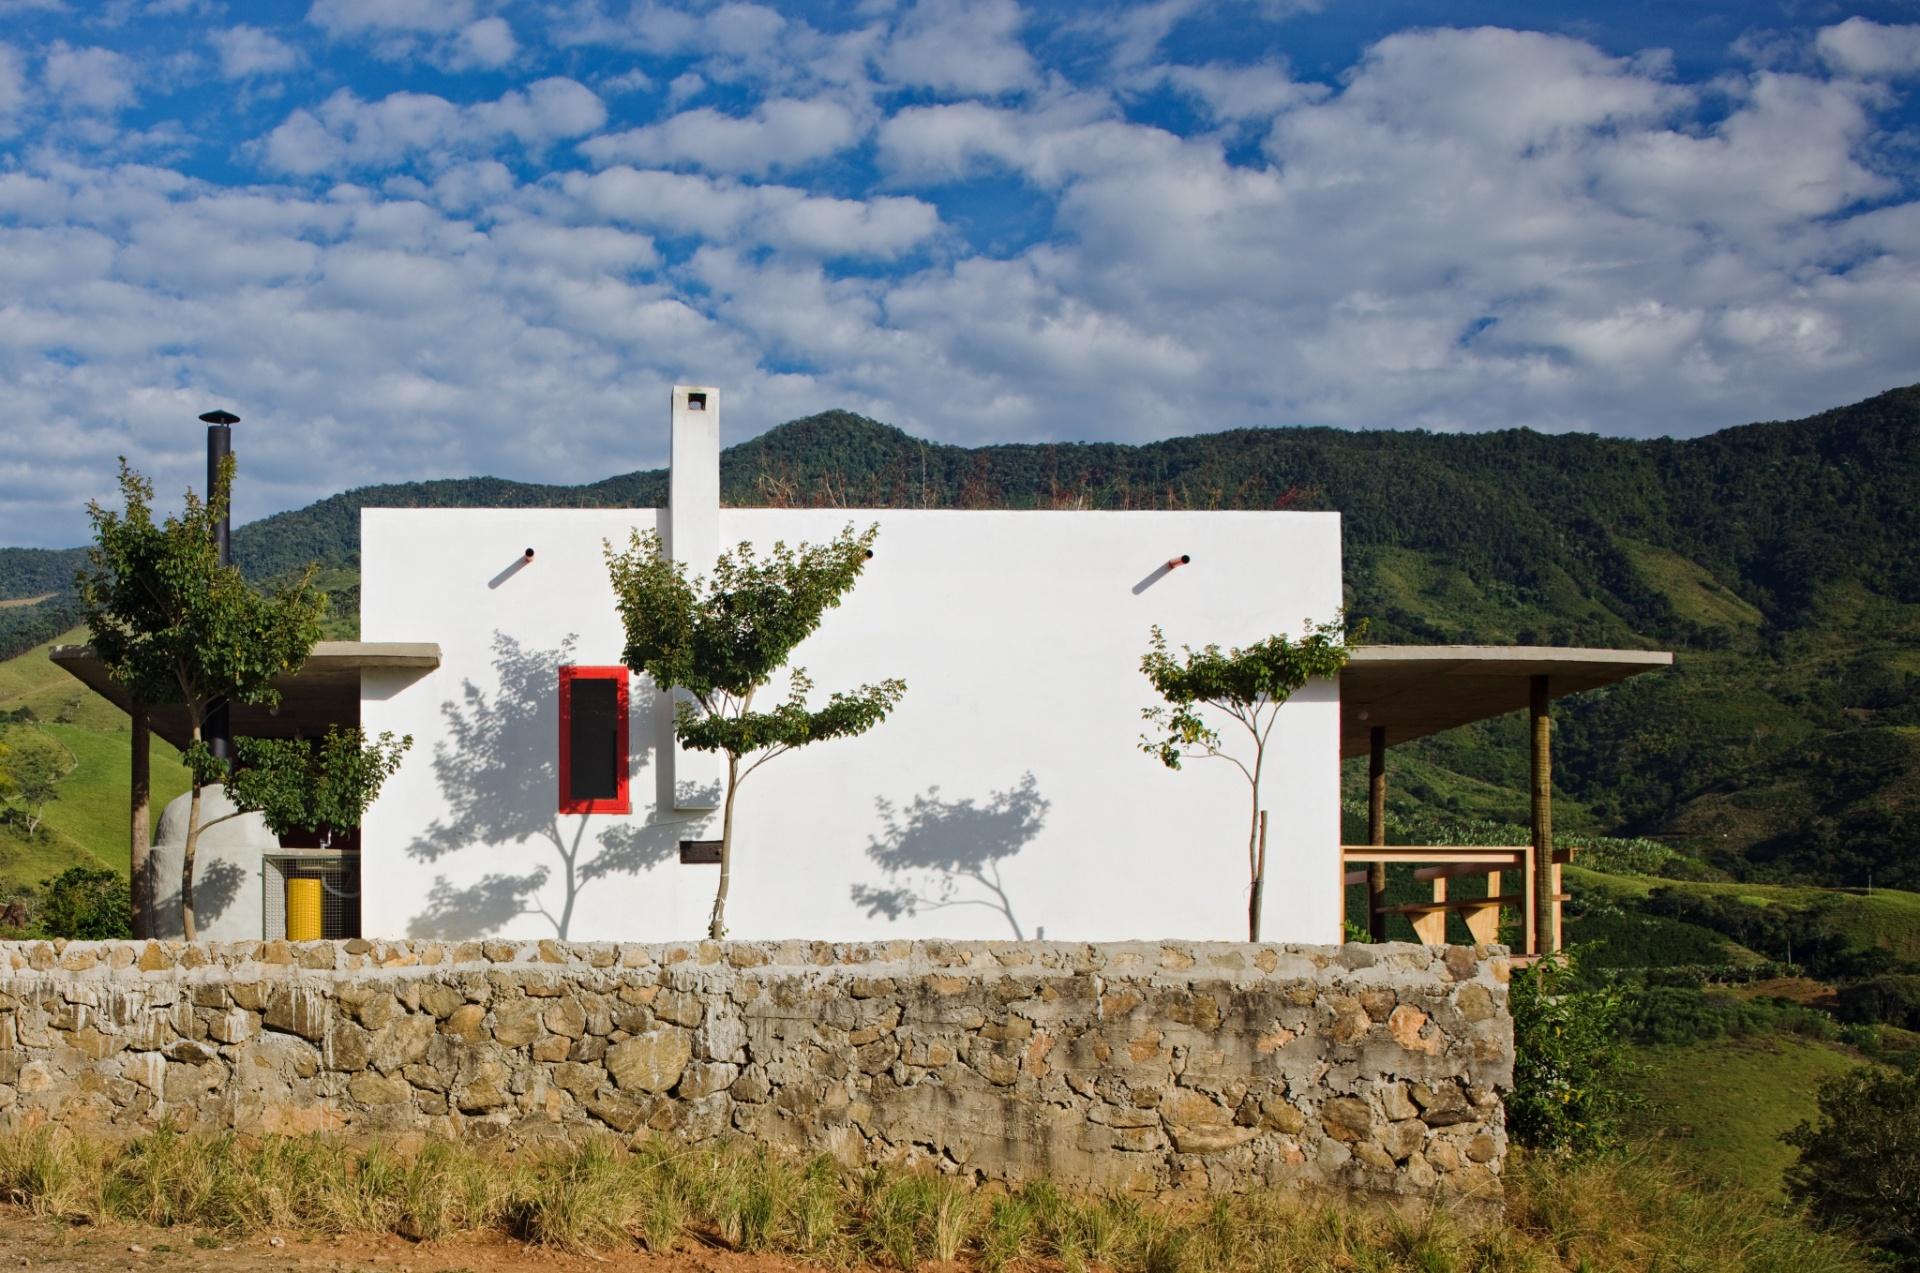 Como um quadro sobreposto à paisagem, a casa Dom Viçoso, projetada pelo arquiteto Marcelo Ferraz, exibe a empena cega da sala de estar, a varanda que olha para o vale e o forno a lenha. Em primeiro plano, o muro de pedras que delimita o lote